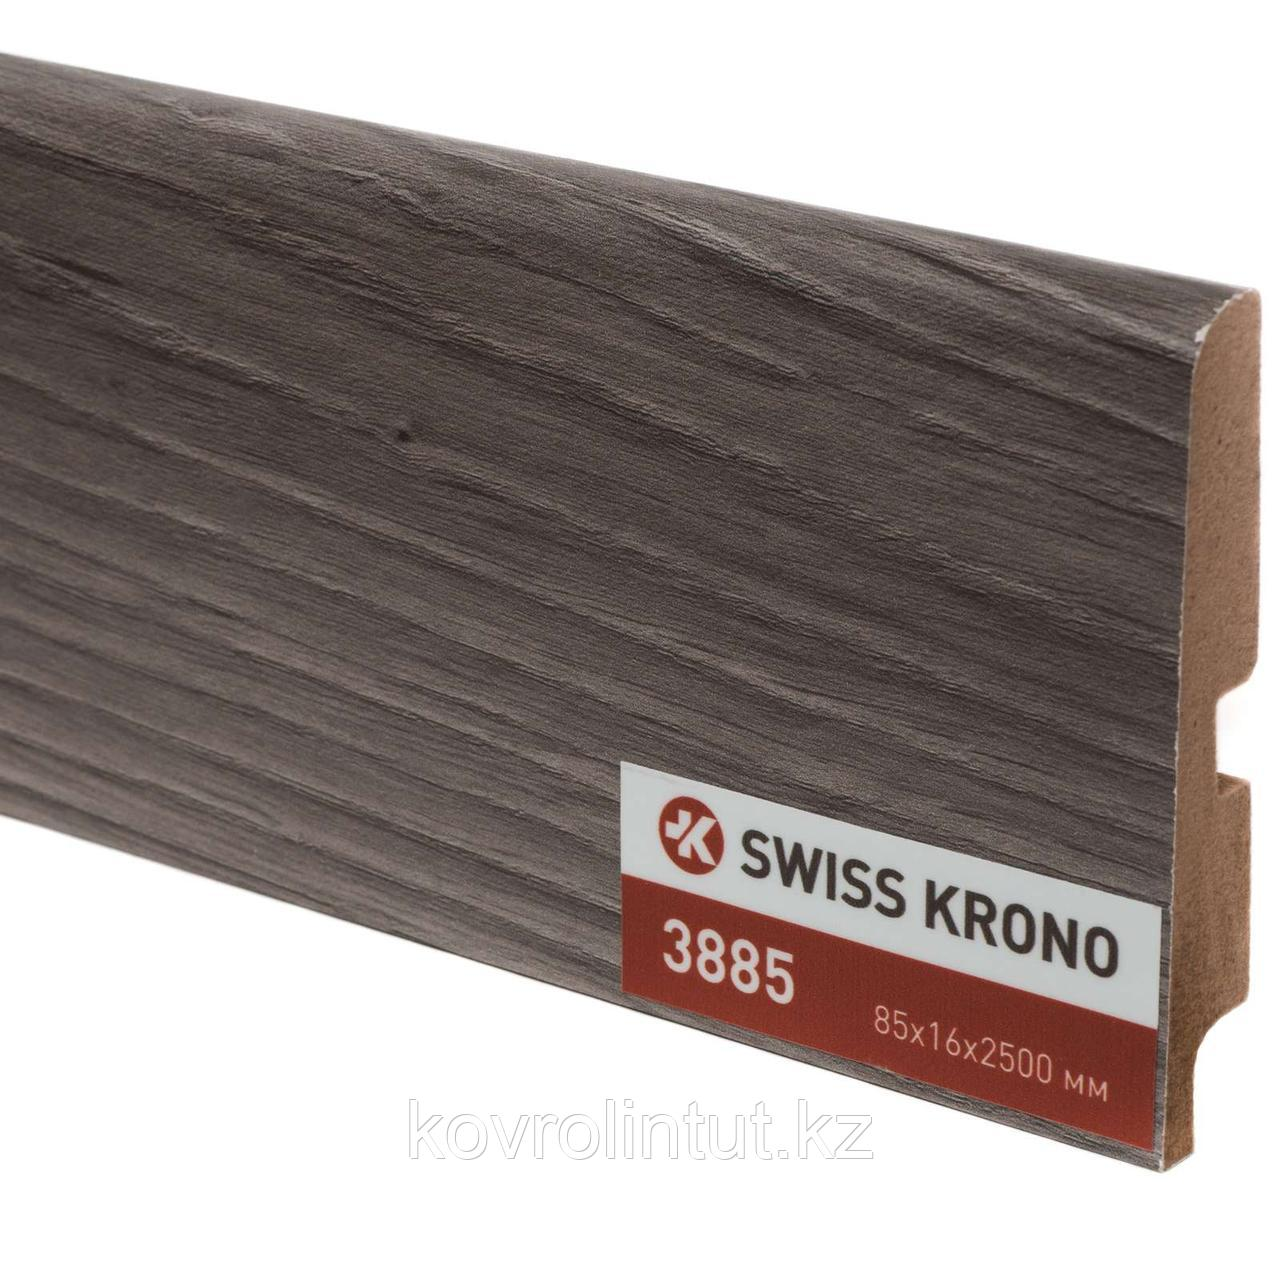 Плинтус Kronopol P85 3885 Fado Oak 2500х85х16мм